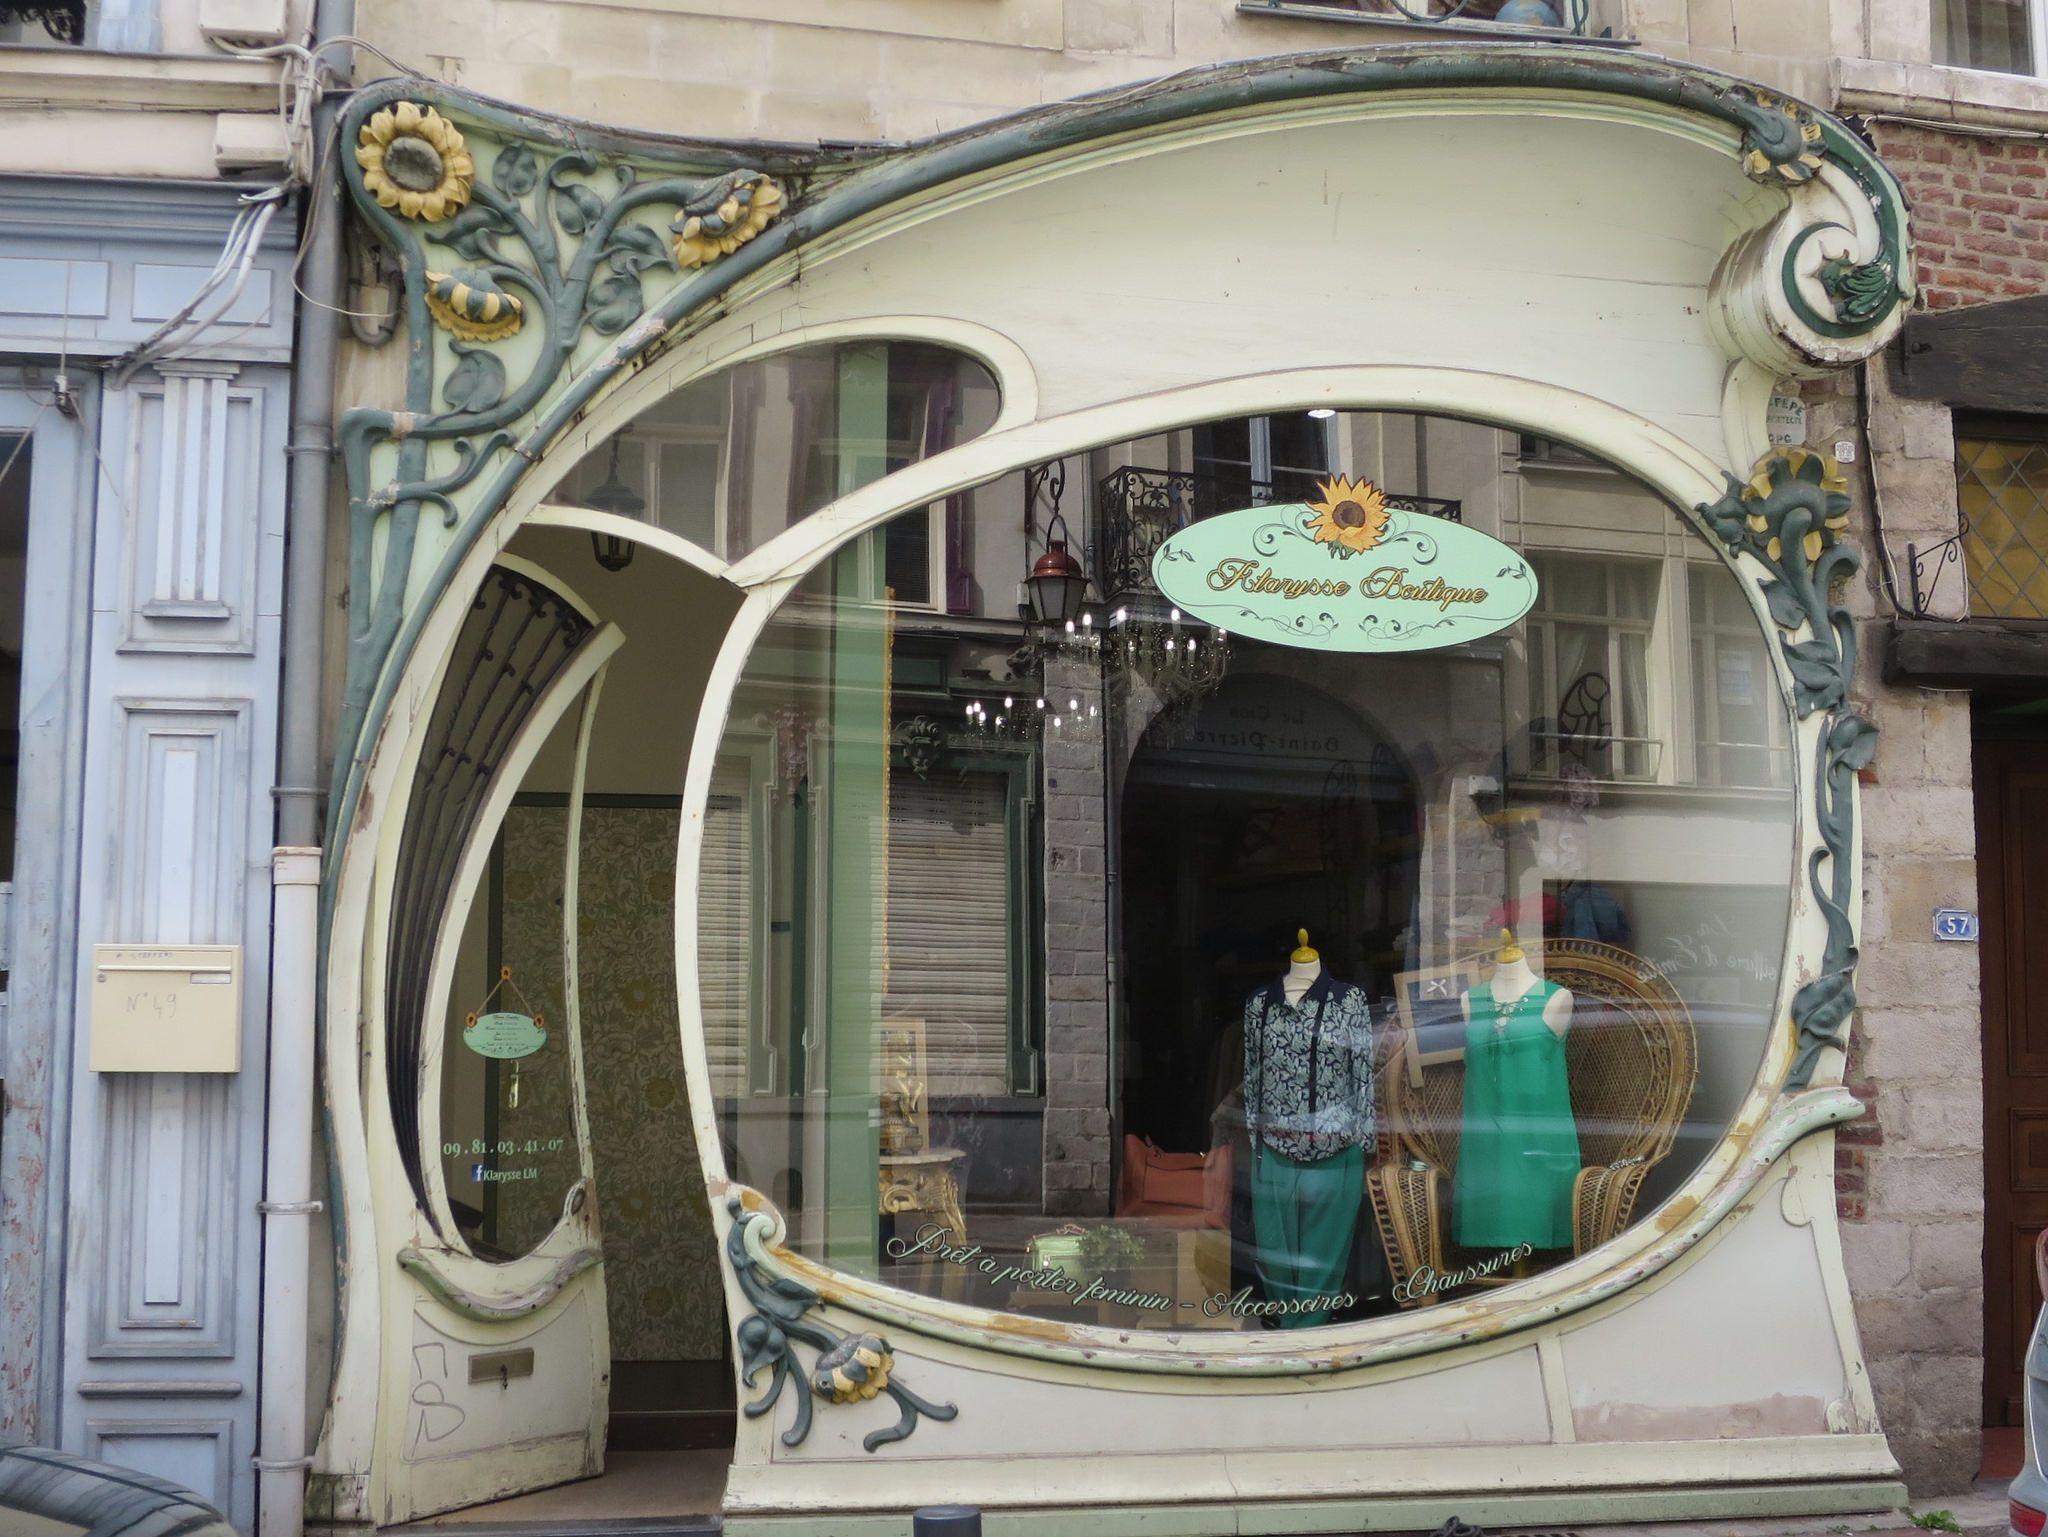 Boutique Art Nouveau Vers 1900 Rue Jean Bellegambe Douai 59 Art Nouveau Architecture Art Nouveau Interior Art Nouveau